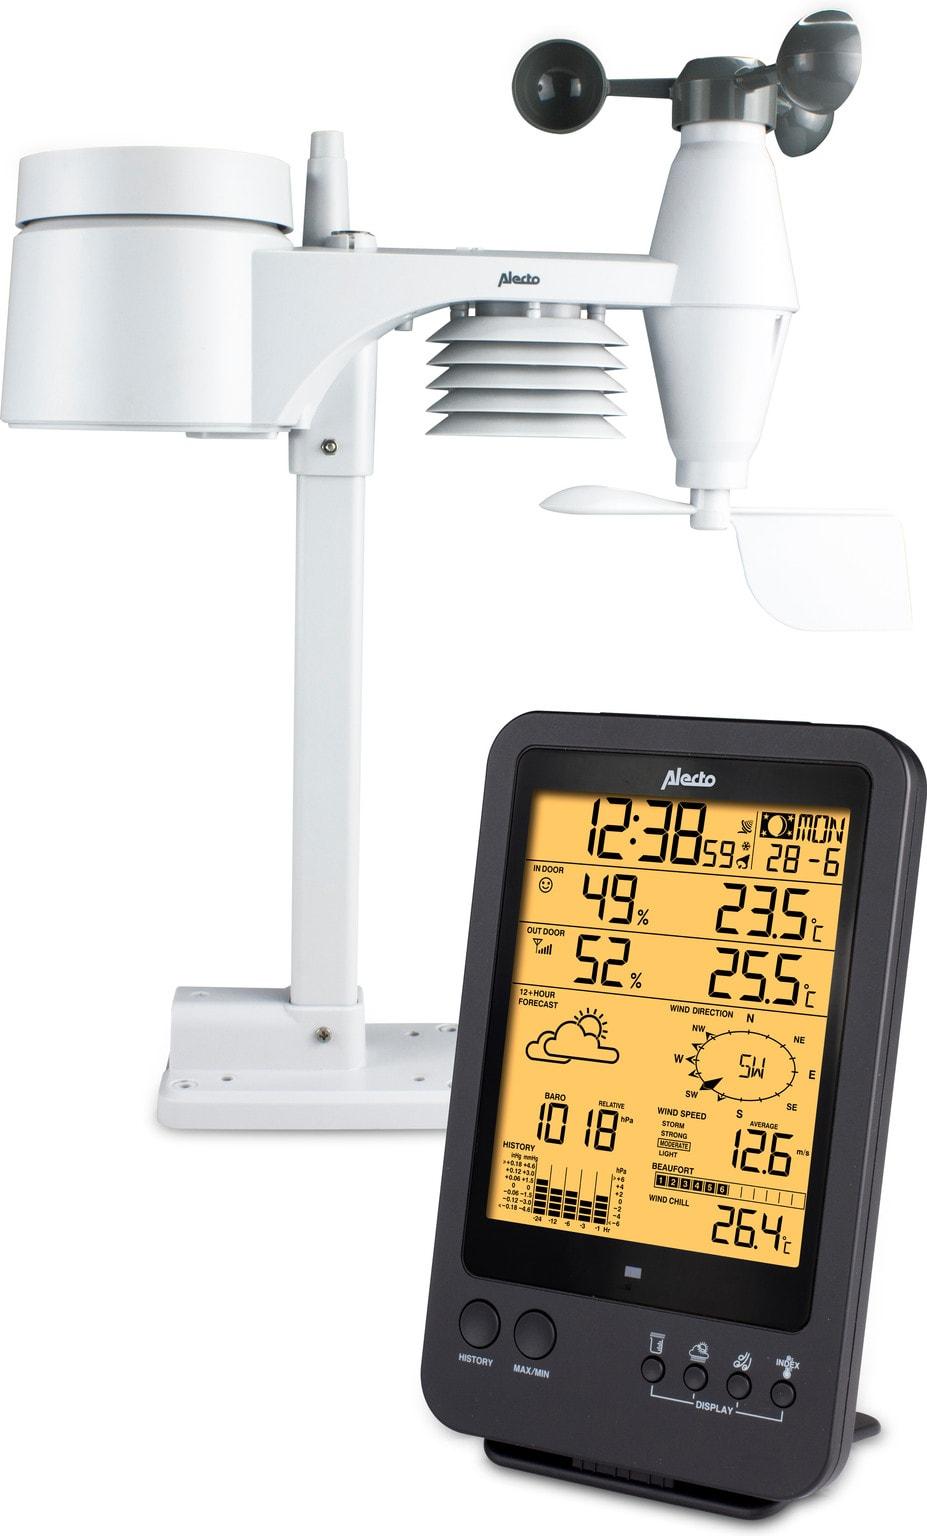 Alecto Ws4700 met sensoren, vooraanzicht